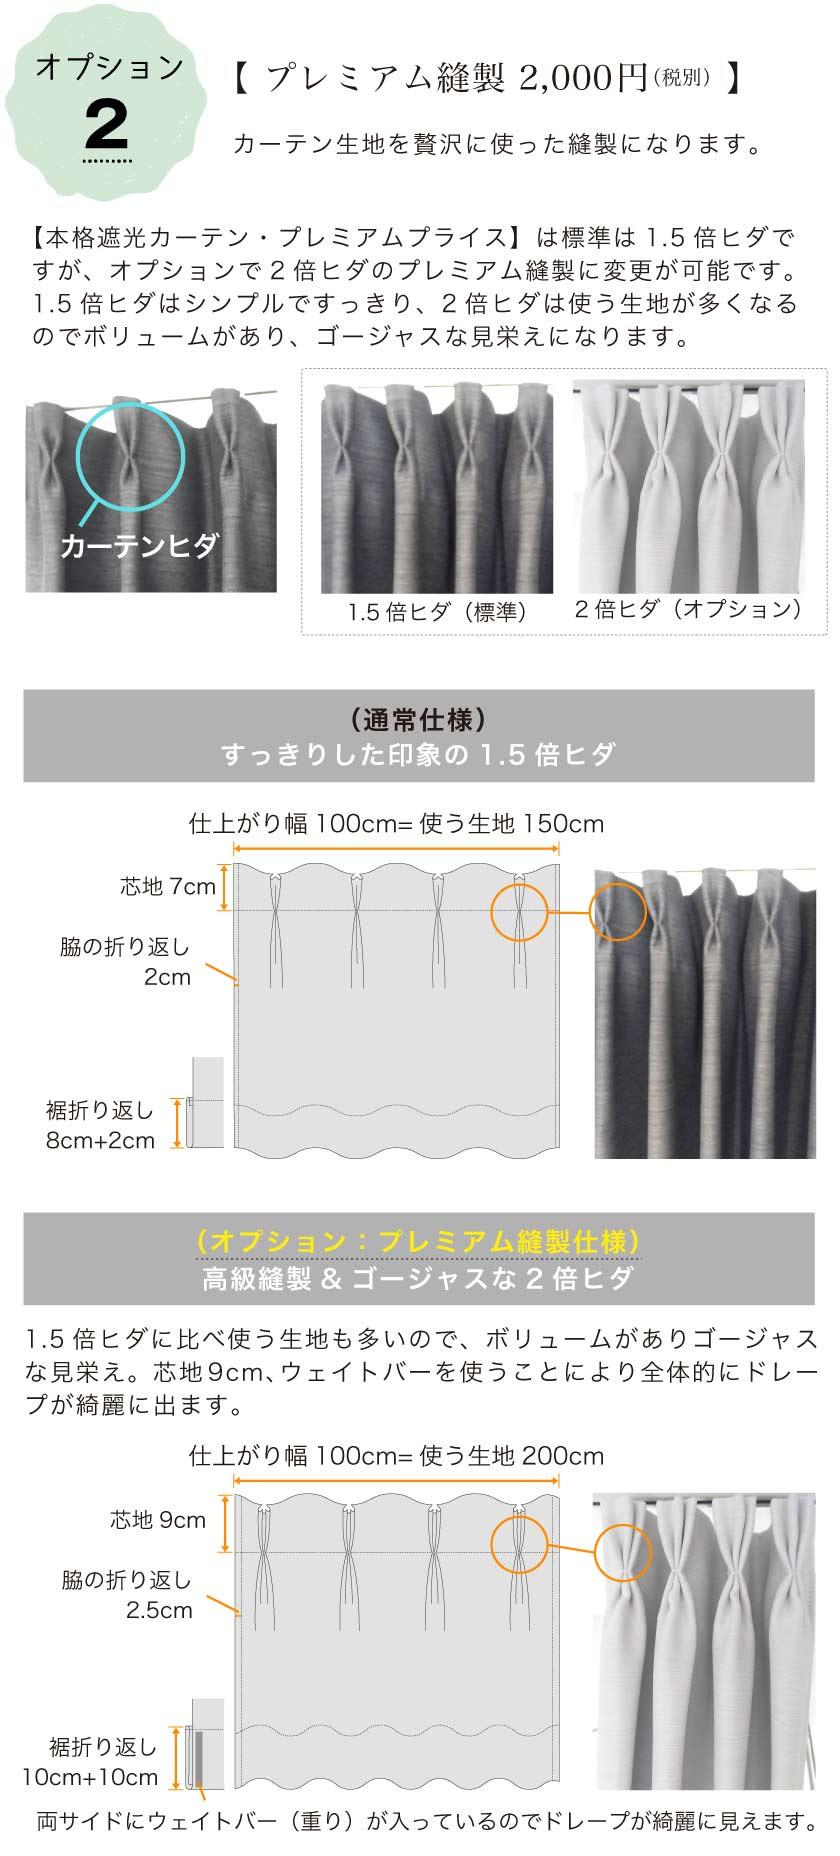 オプションでカーテンヒダ2倍のプレミアム縫製に変更できます